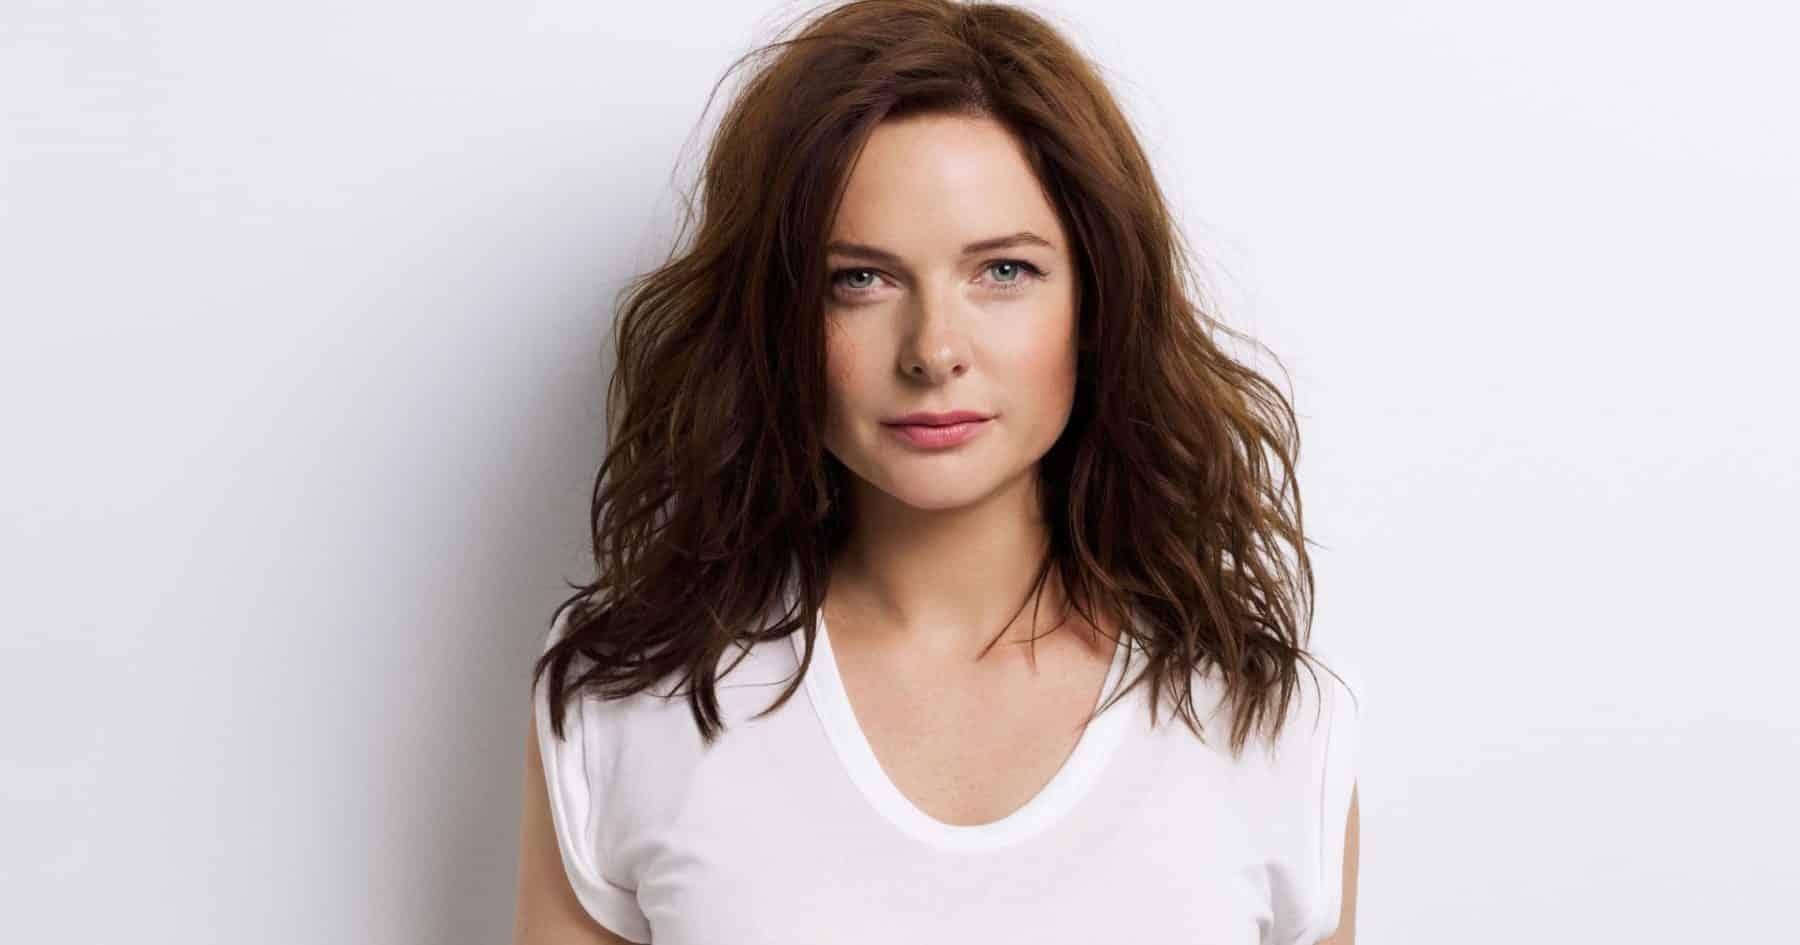 Doctor Sleep, secuela de The Shining, ficha a Rebecca Ferguson en rol villanesco como Rose the Hat